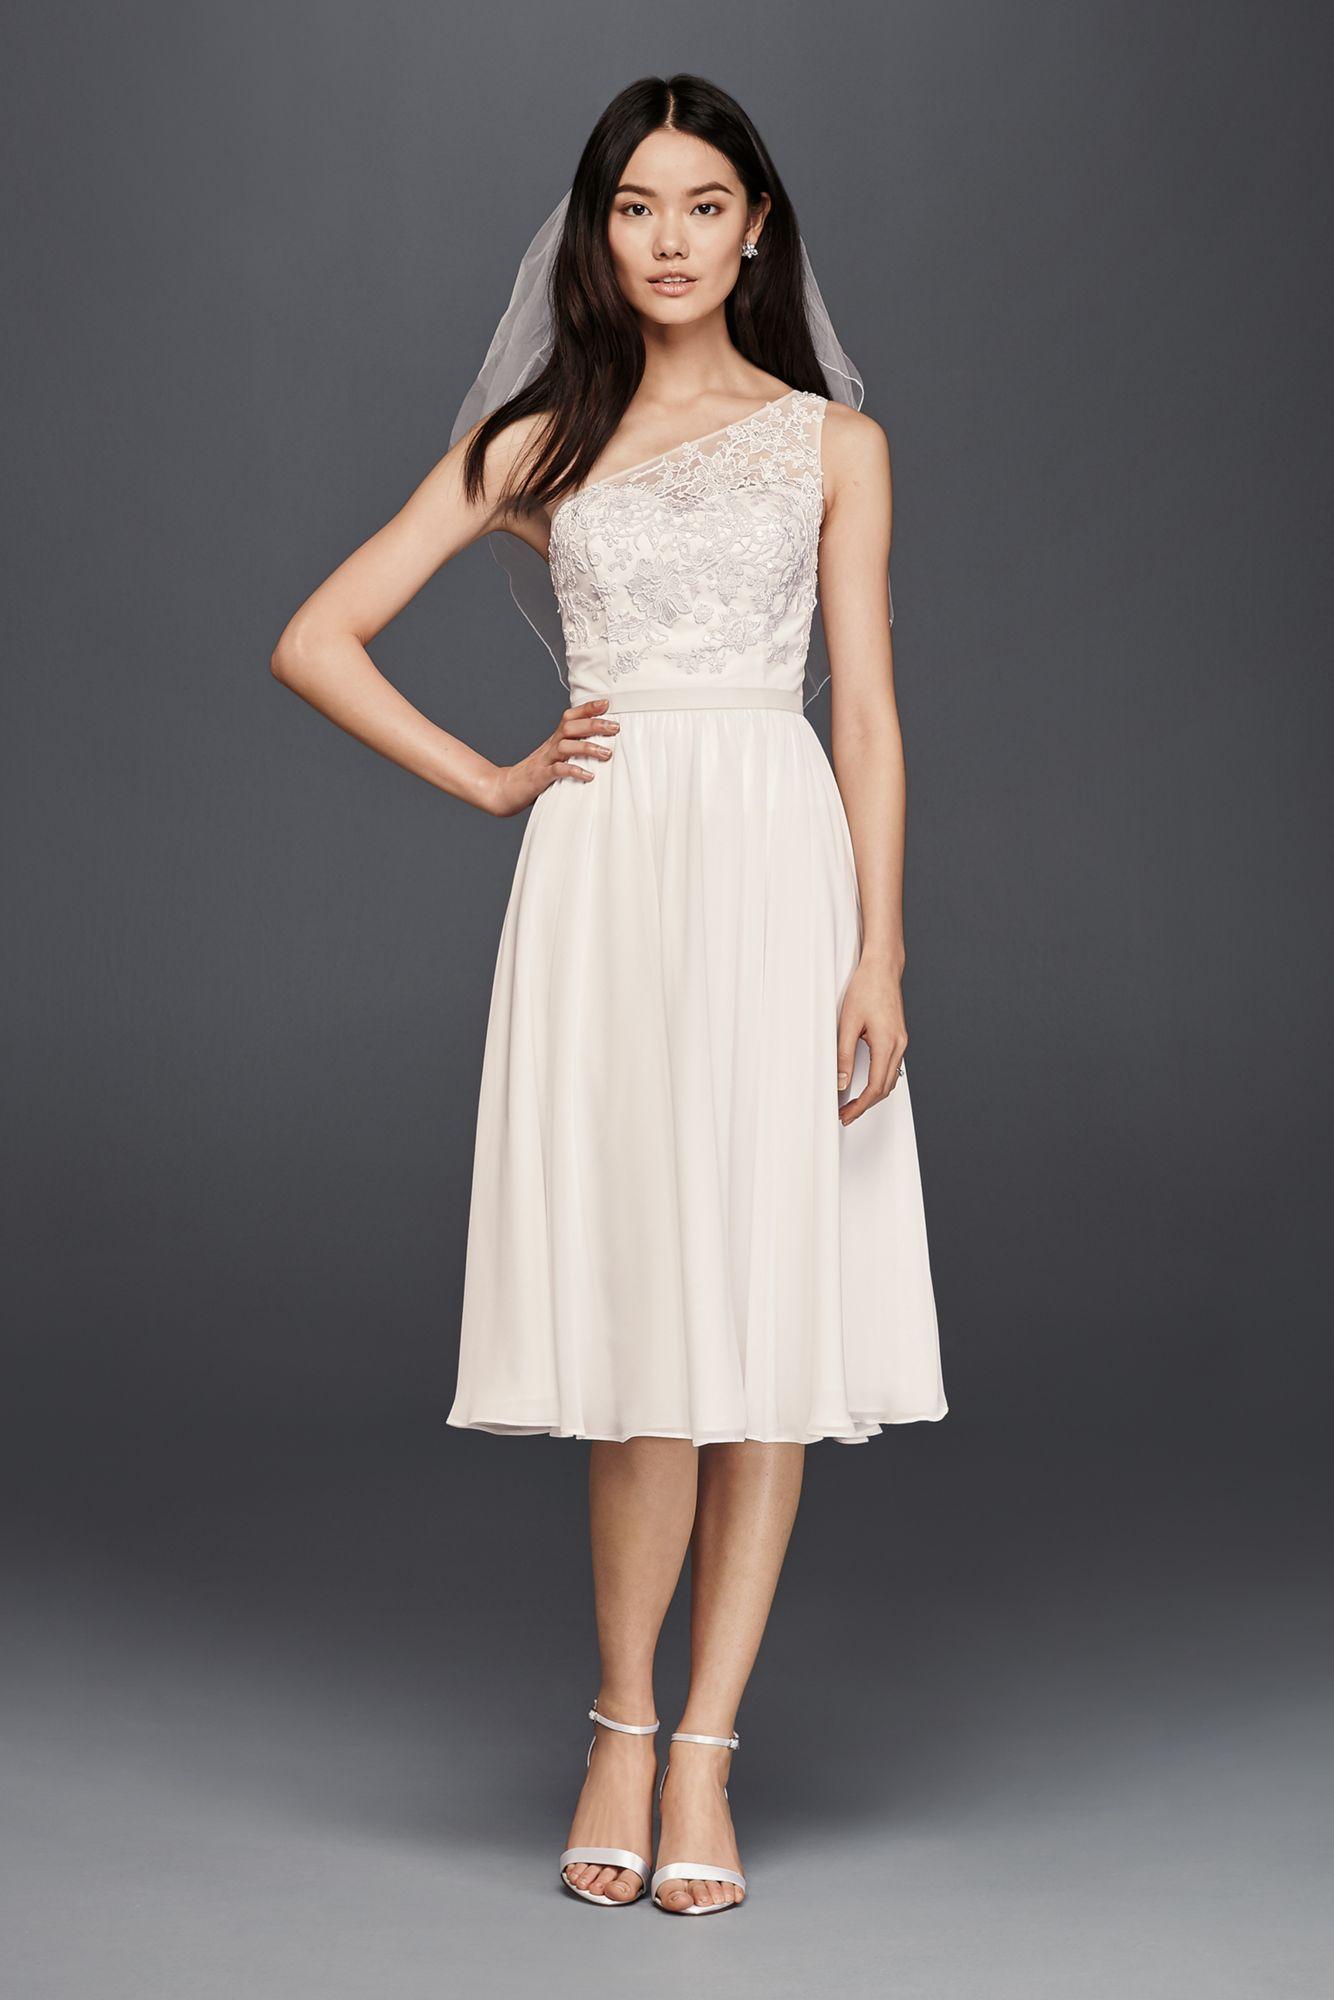 Elegant One Shoulder Knee Length SDWG0427 Style Bridal